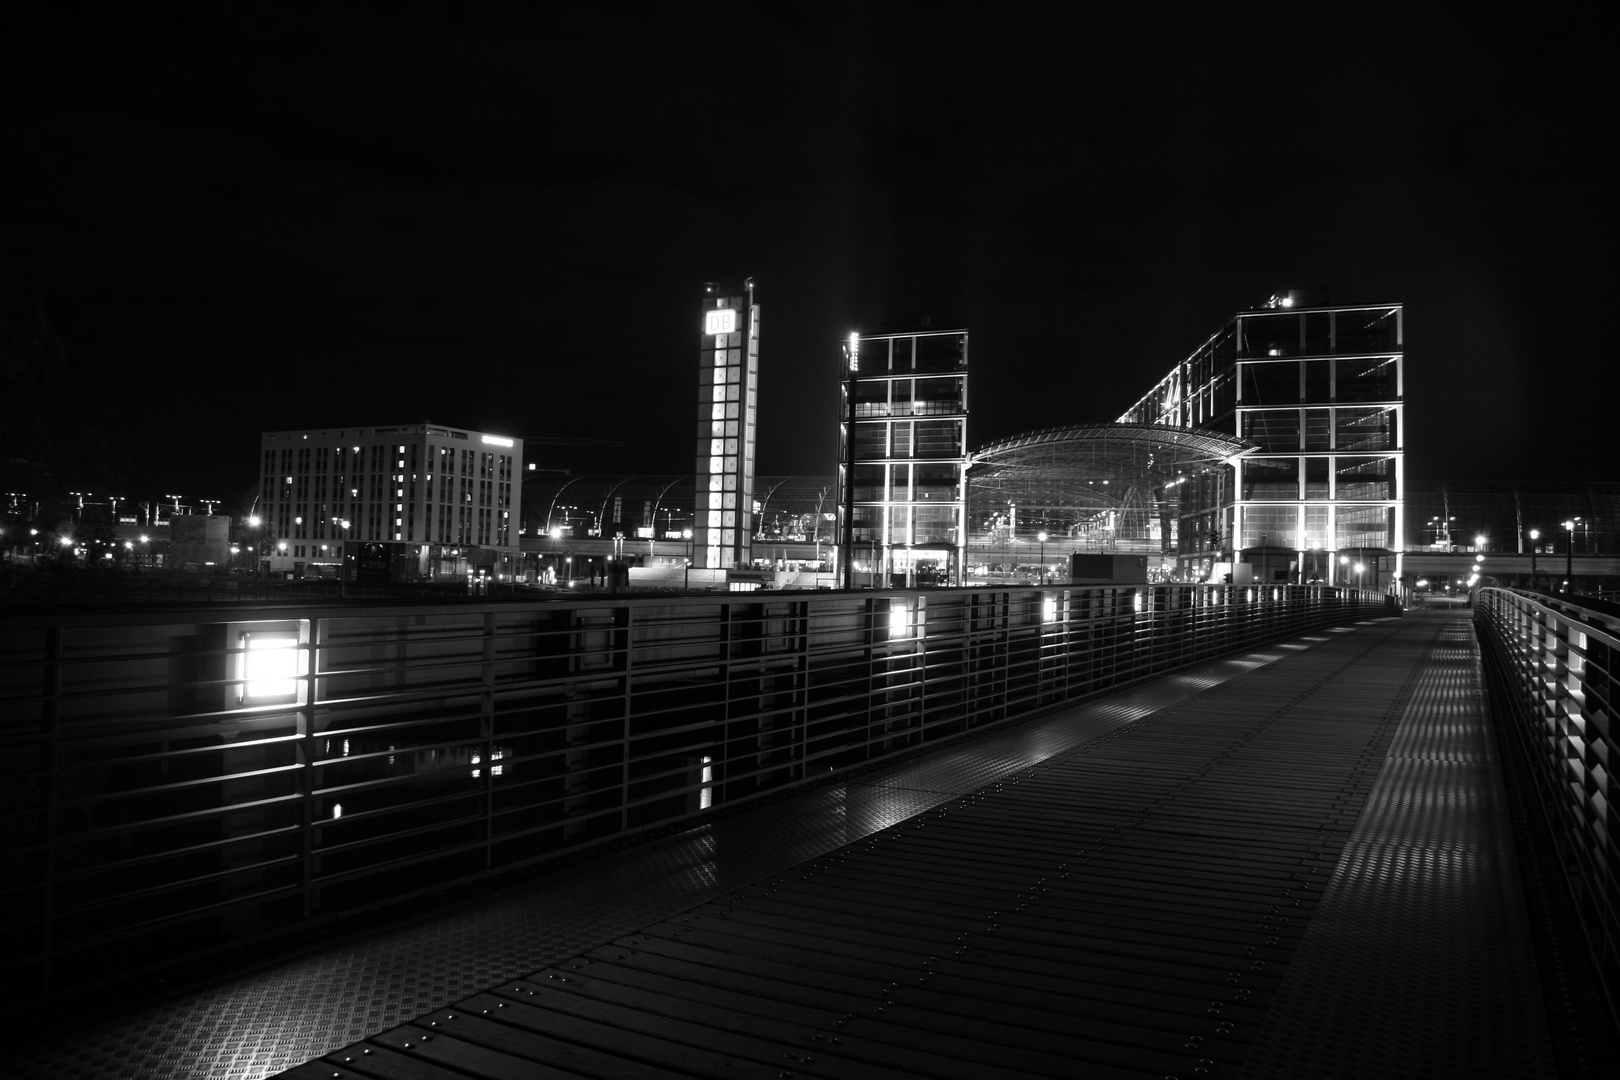 Berliner Hauptbahnhof in S/W